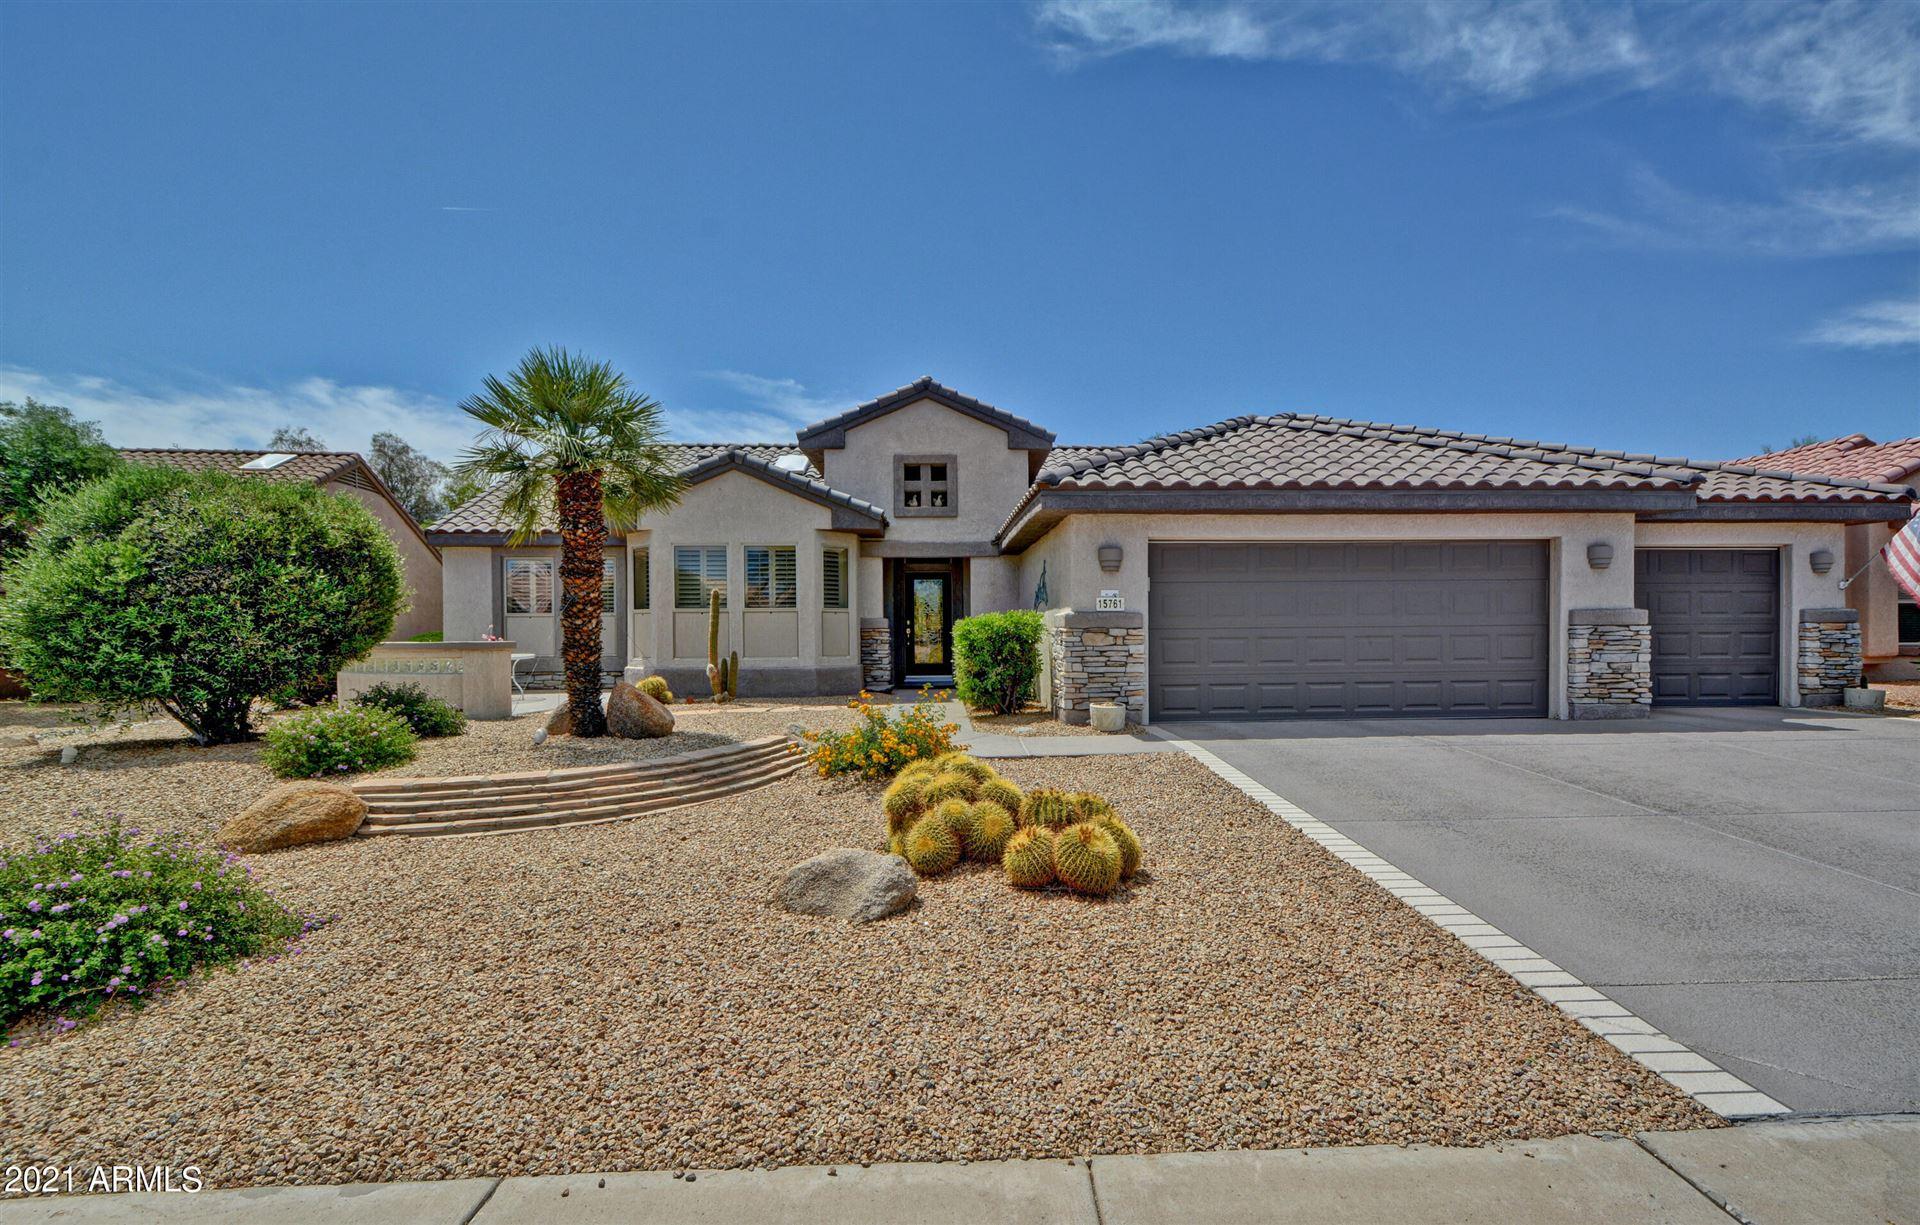 15761 W MILL VALLEY Lane, Surprise, AZ 85374 - MLS#: 6233209